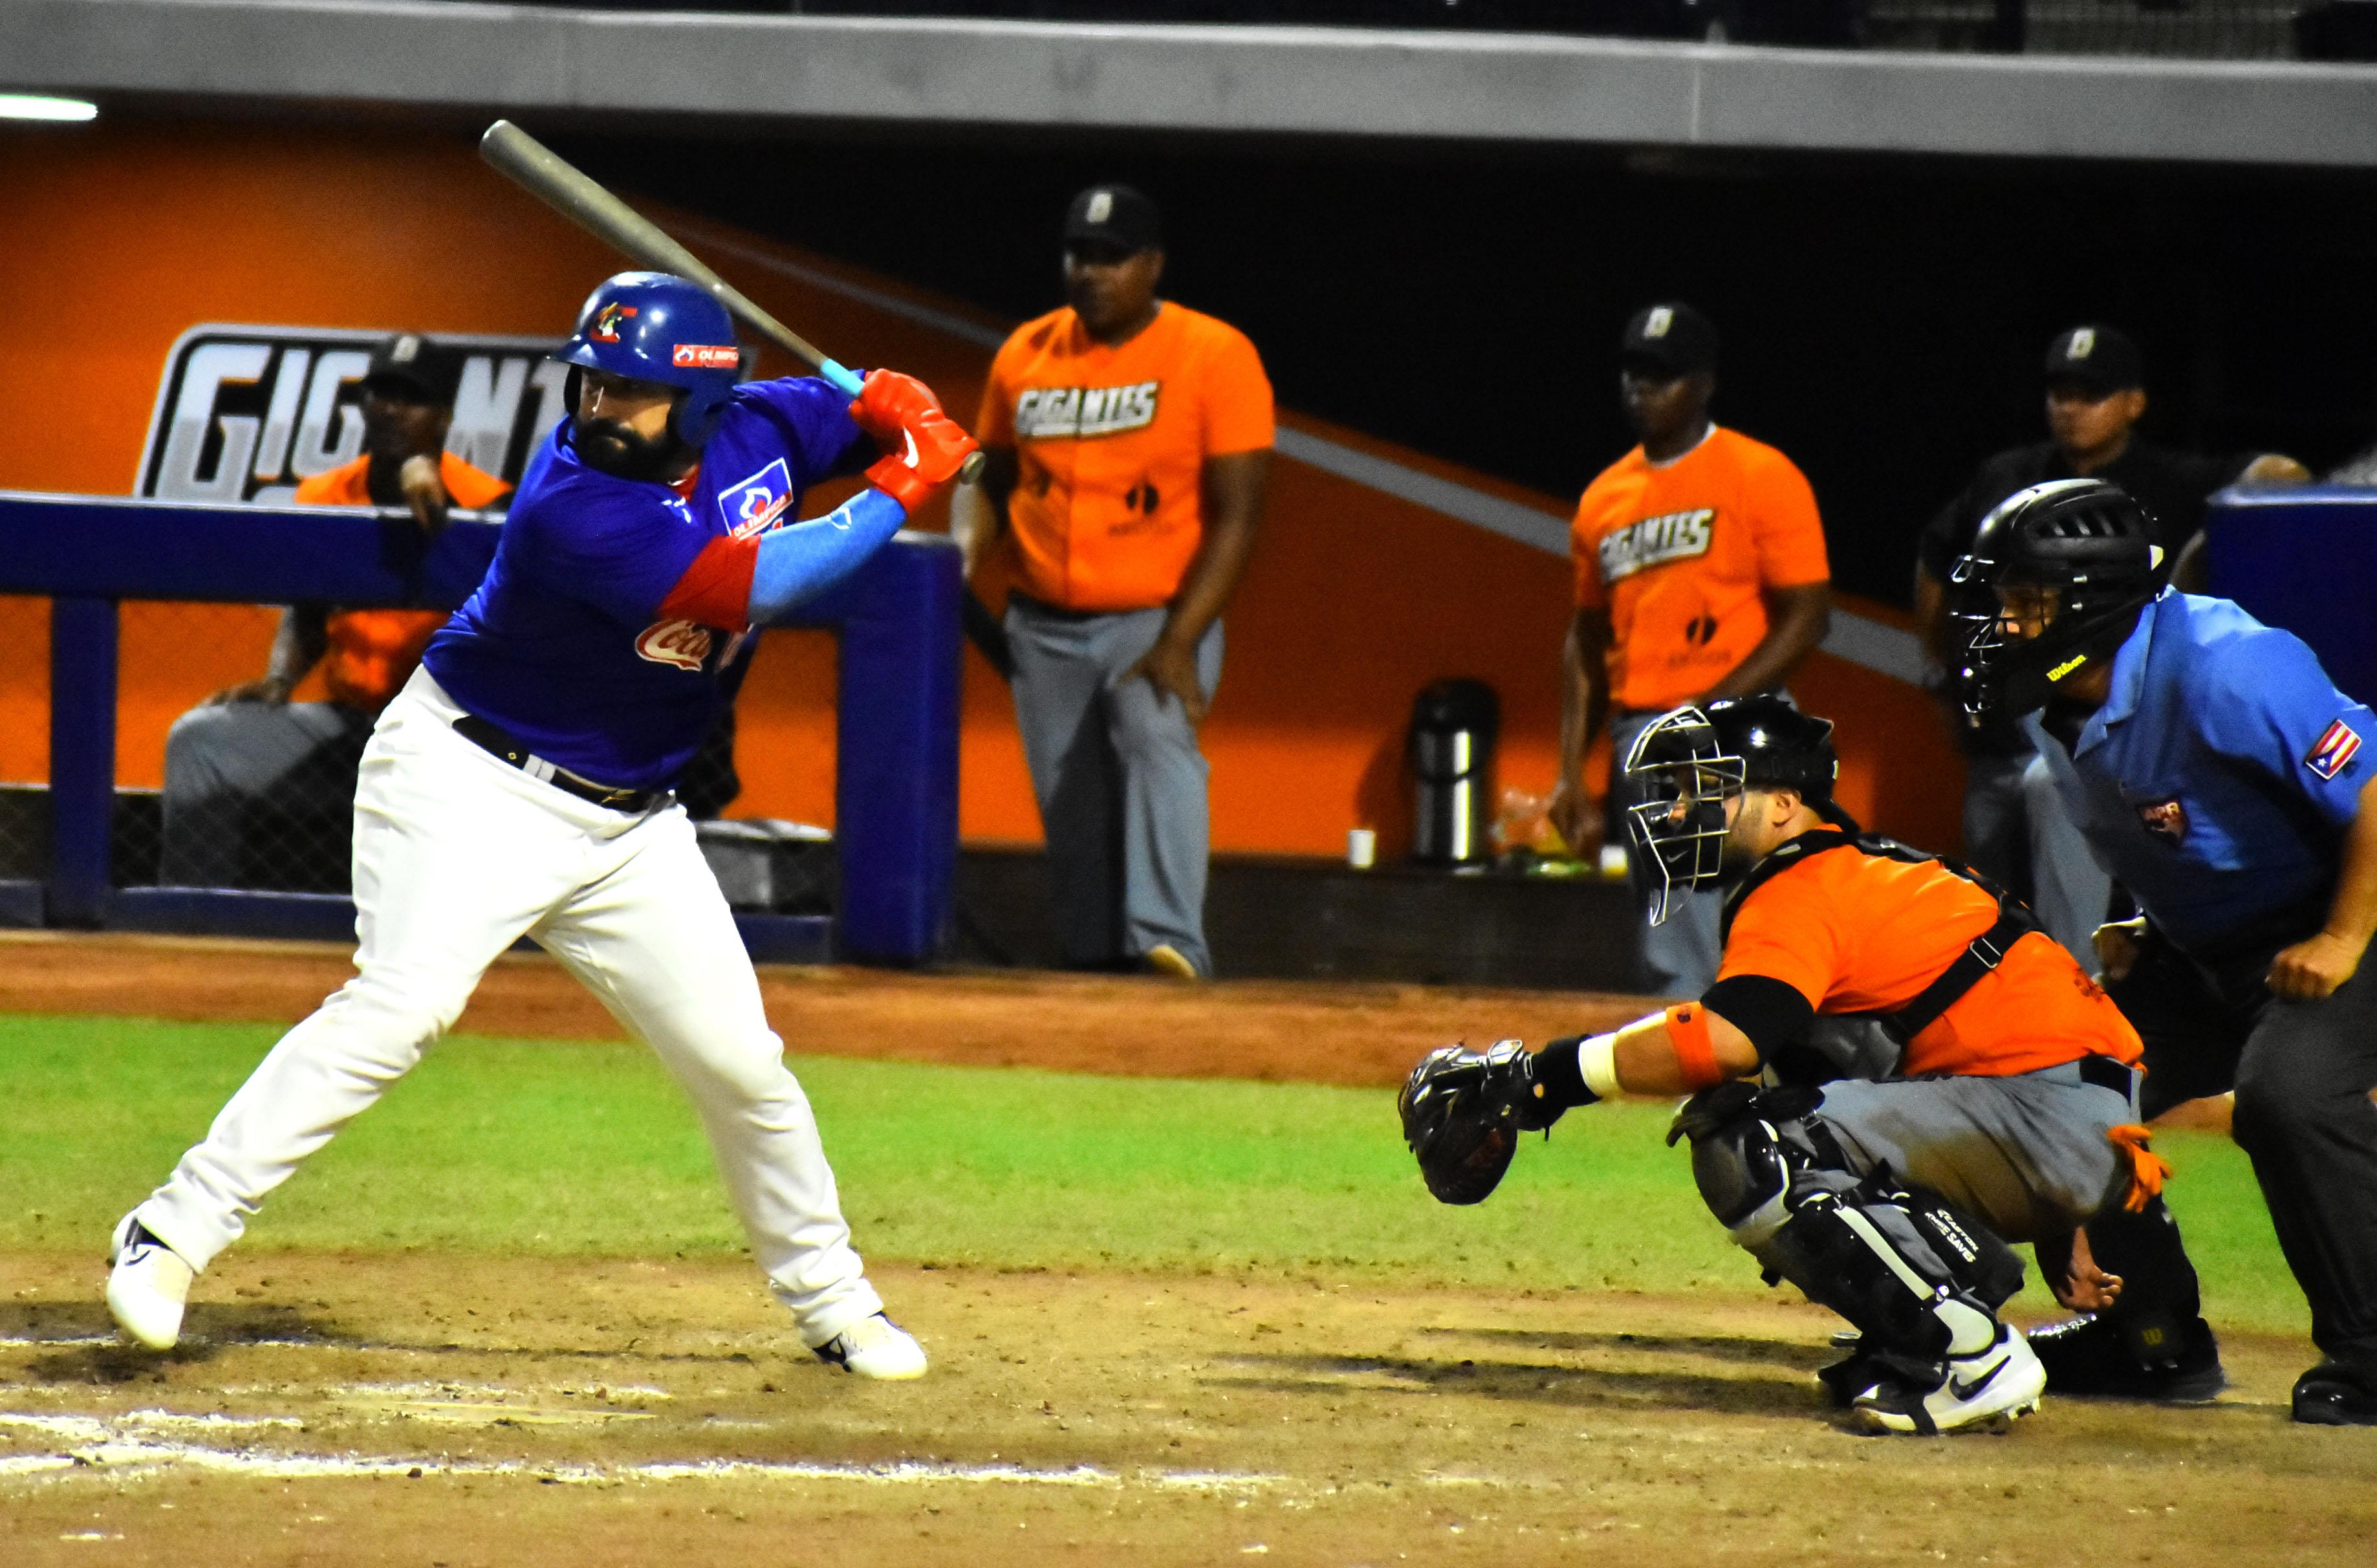 El grandesligas venezolano Sandy León jugó como bateador designado con los Caimanes.